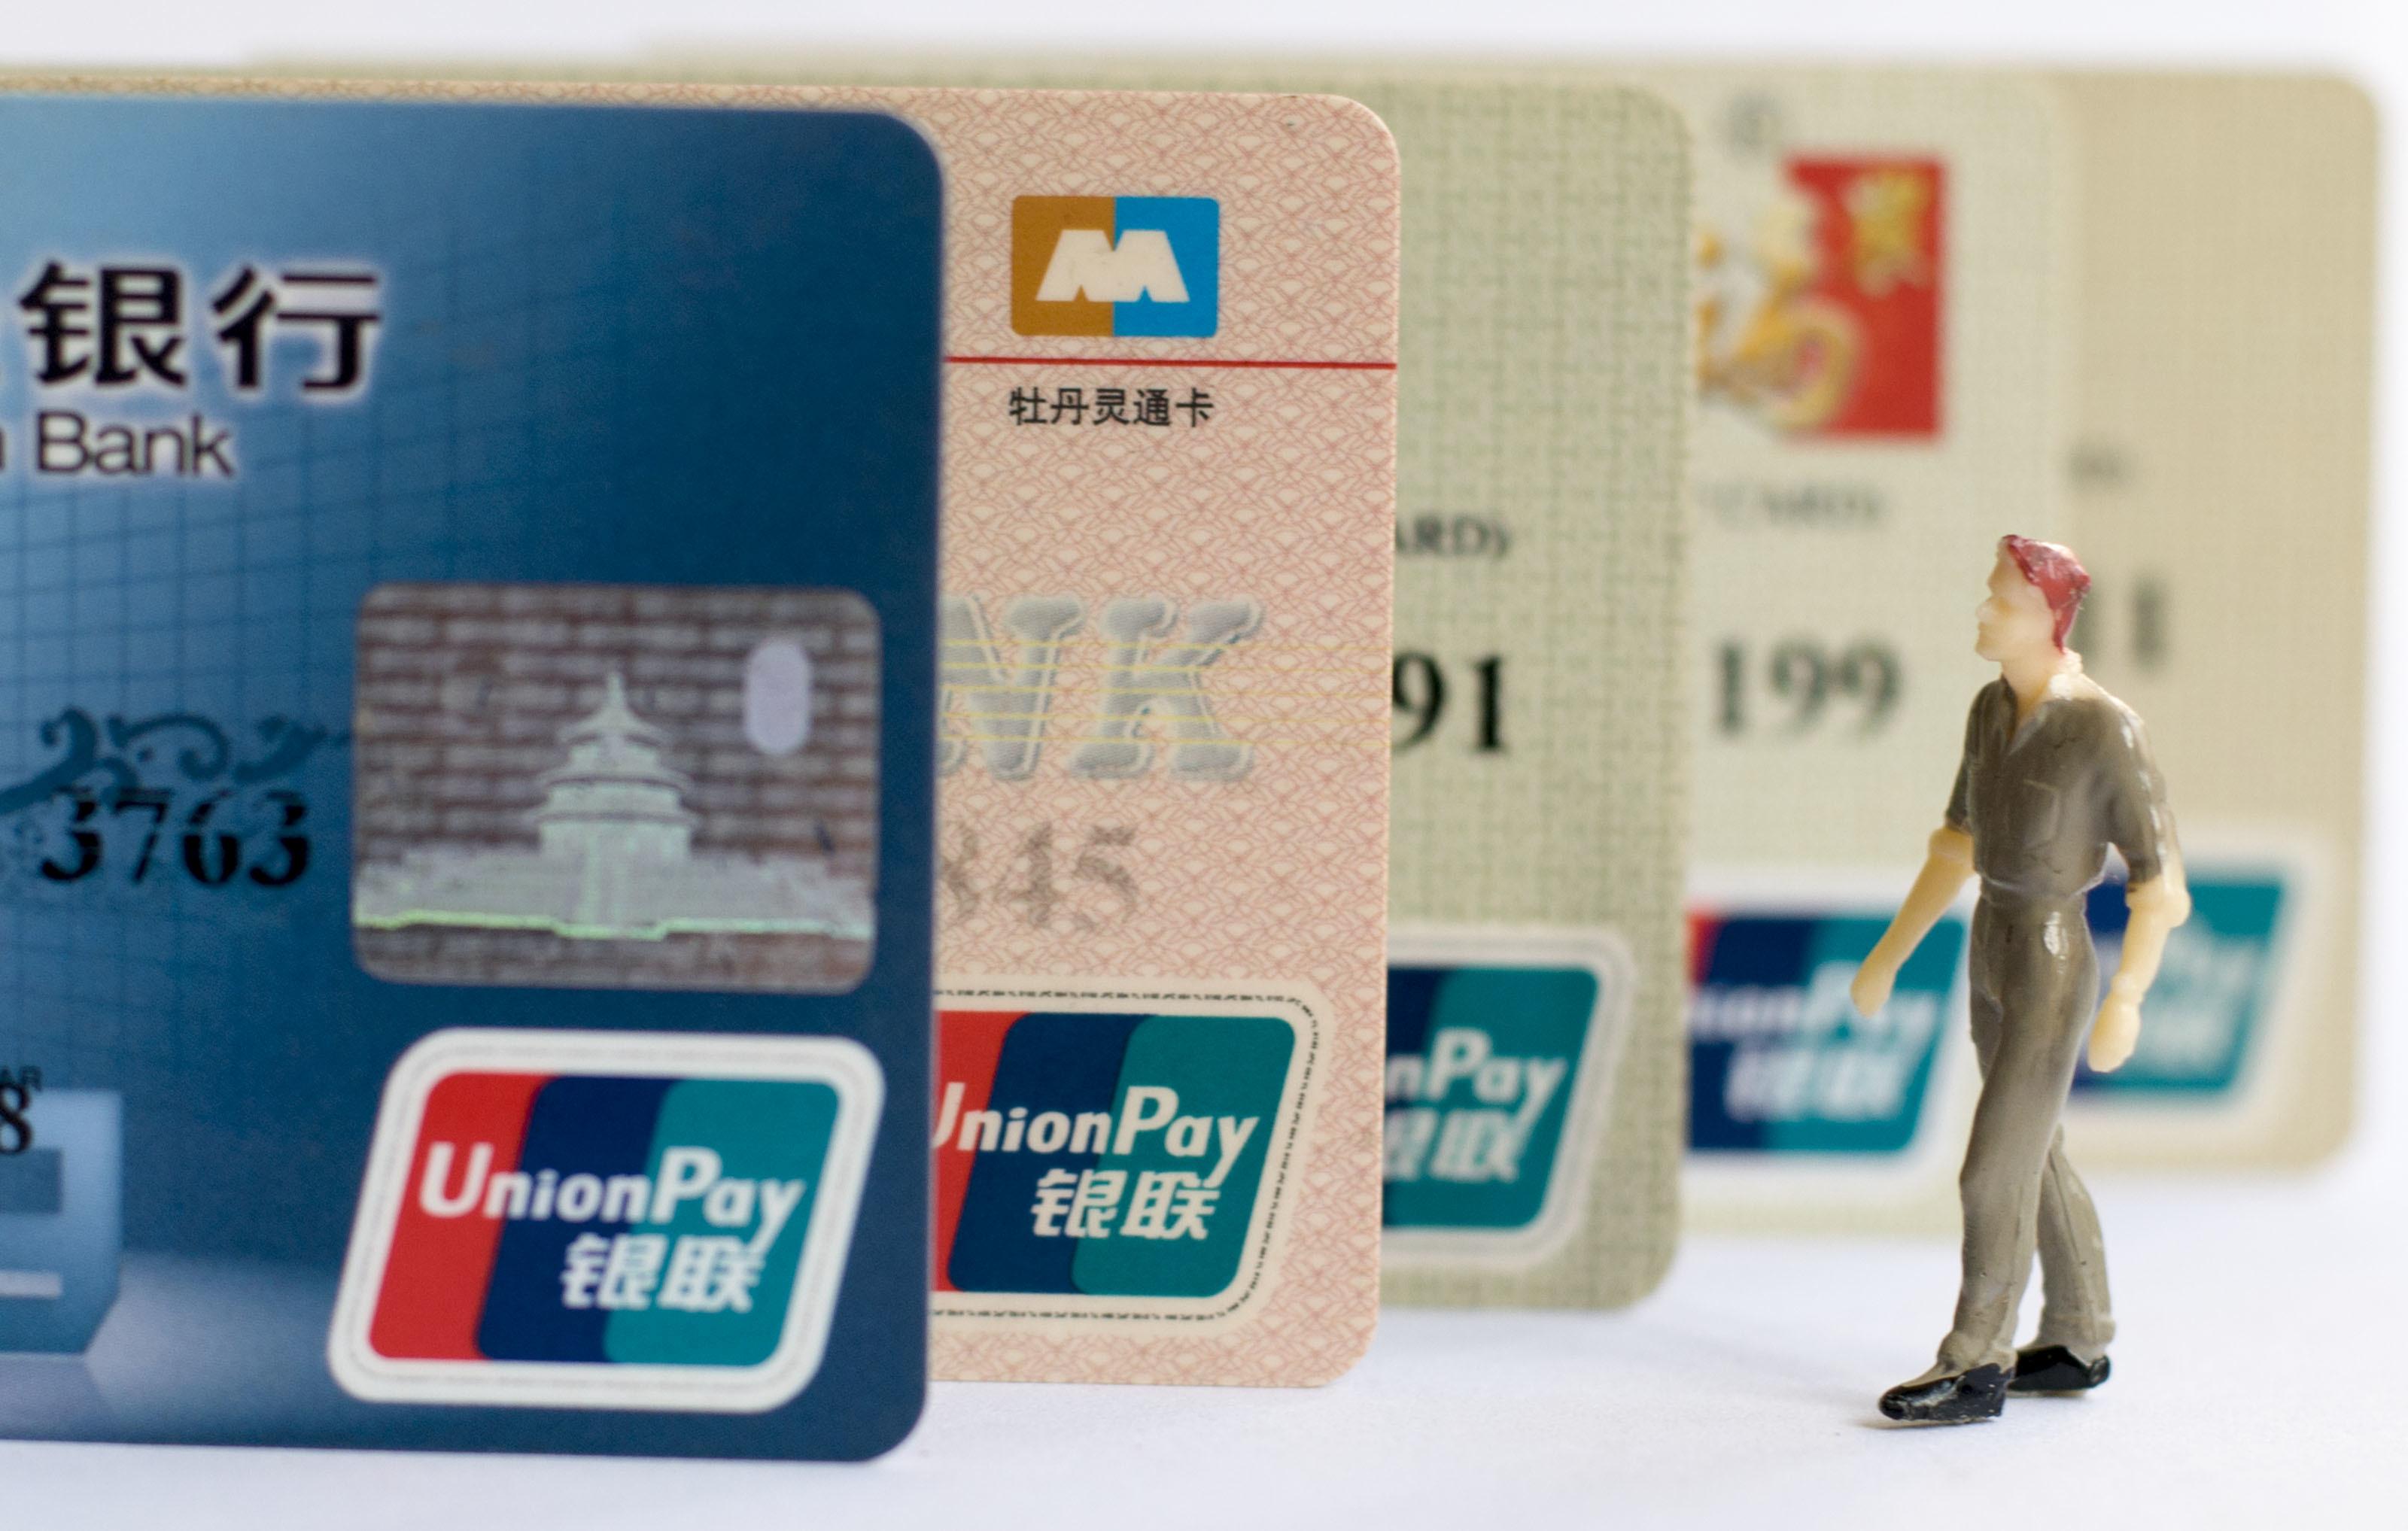 想要信用卡提额?这些,必须要知道!